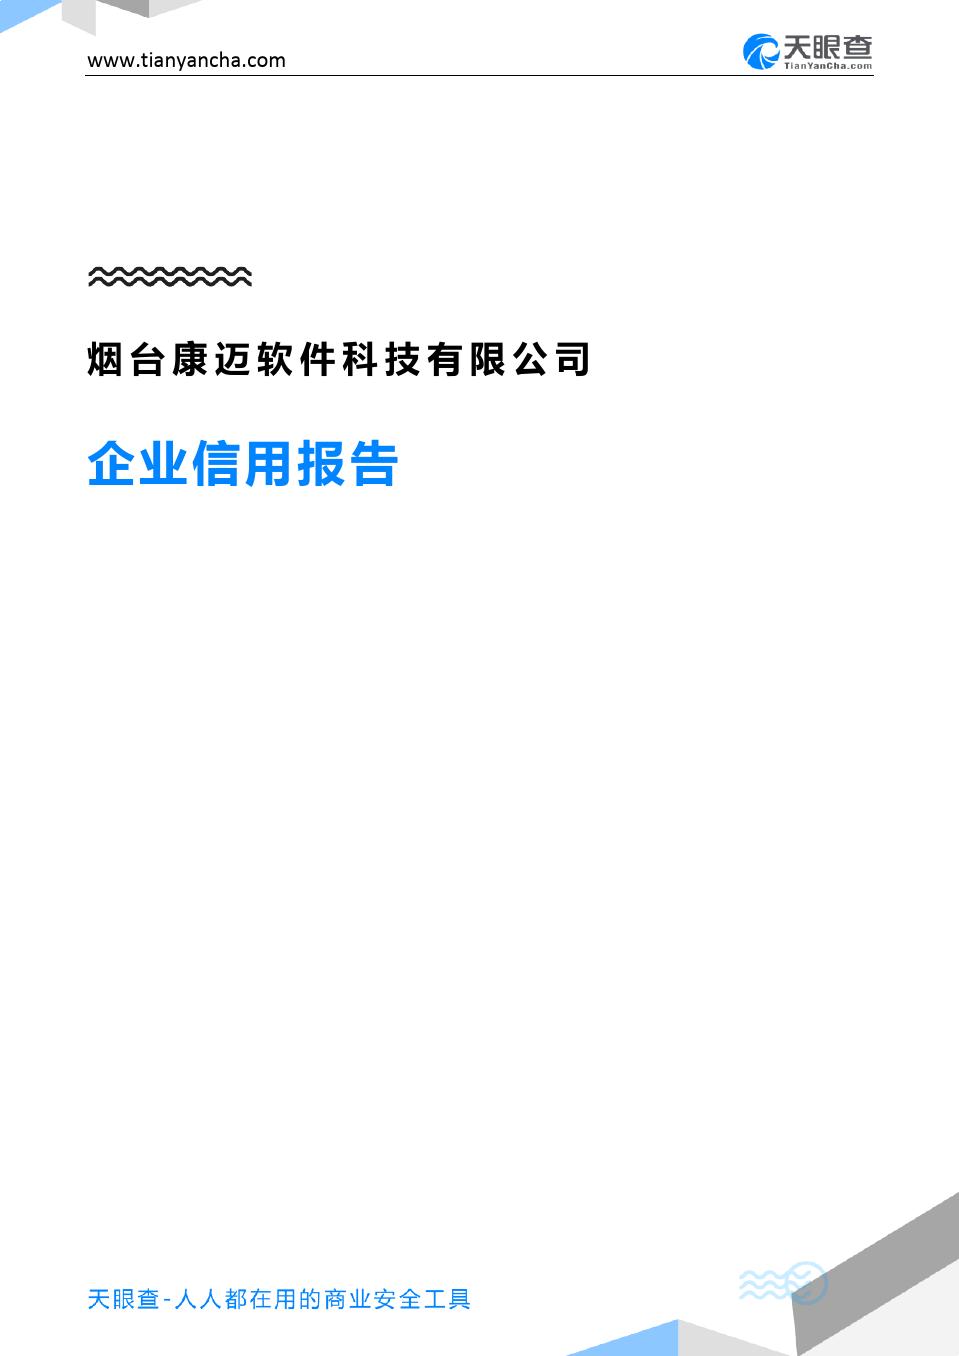 烟台康迈软件科技有限公司(企业信用报告)- 天眼查